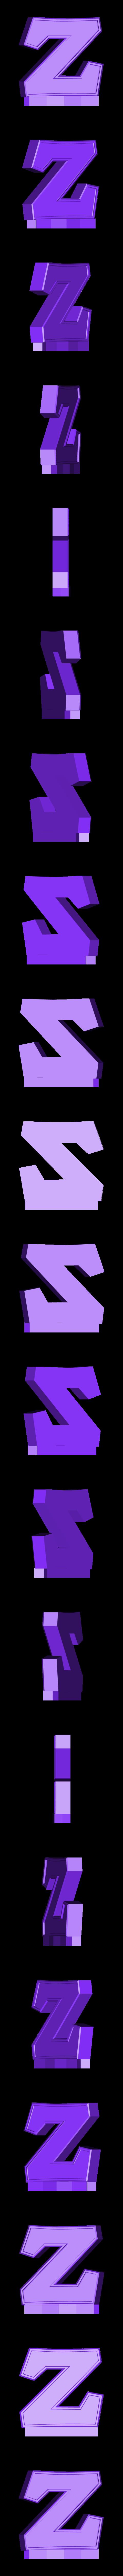 Stocking_hangers_Z.stl Télécharger fichier STL gratuit Cintres de bas de parapet • Objet pour imprimante 3D, tone001